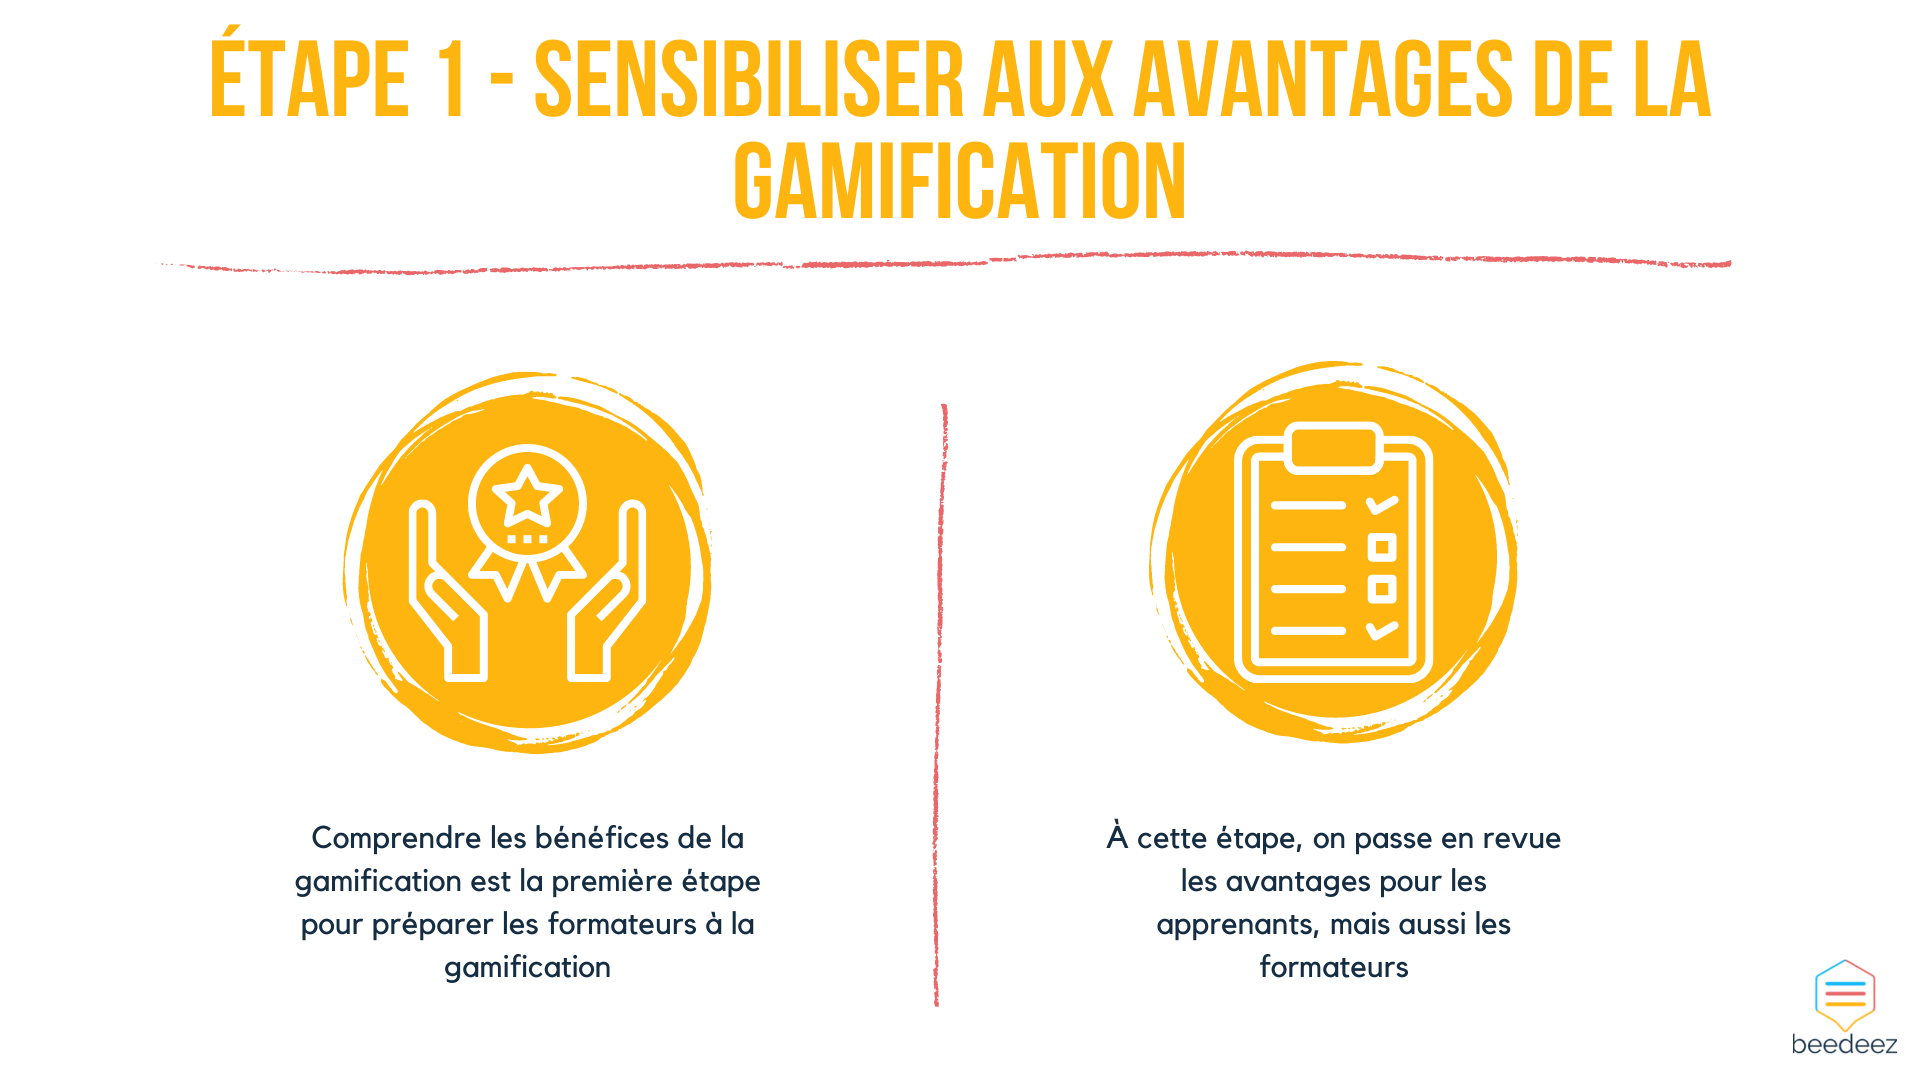 Sensibiliser aux avantages de la gamification